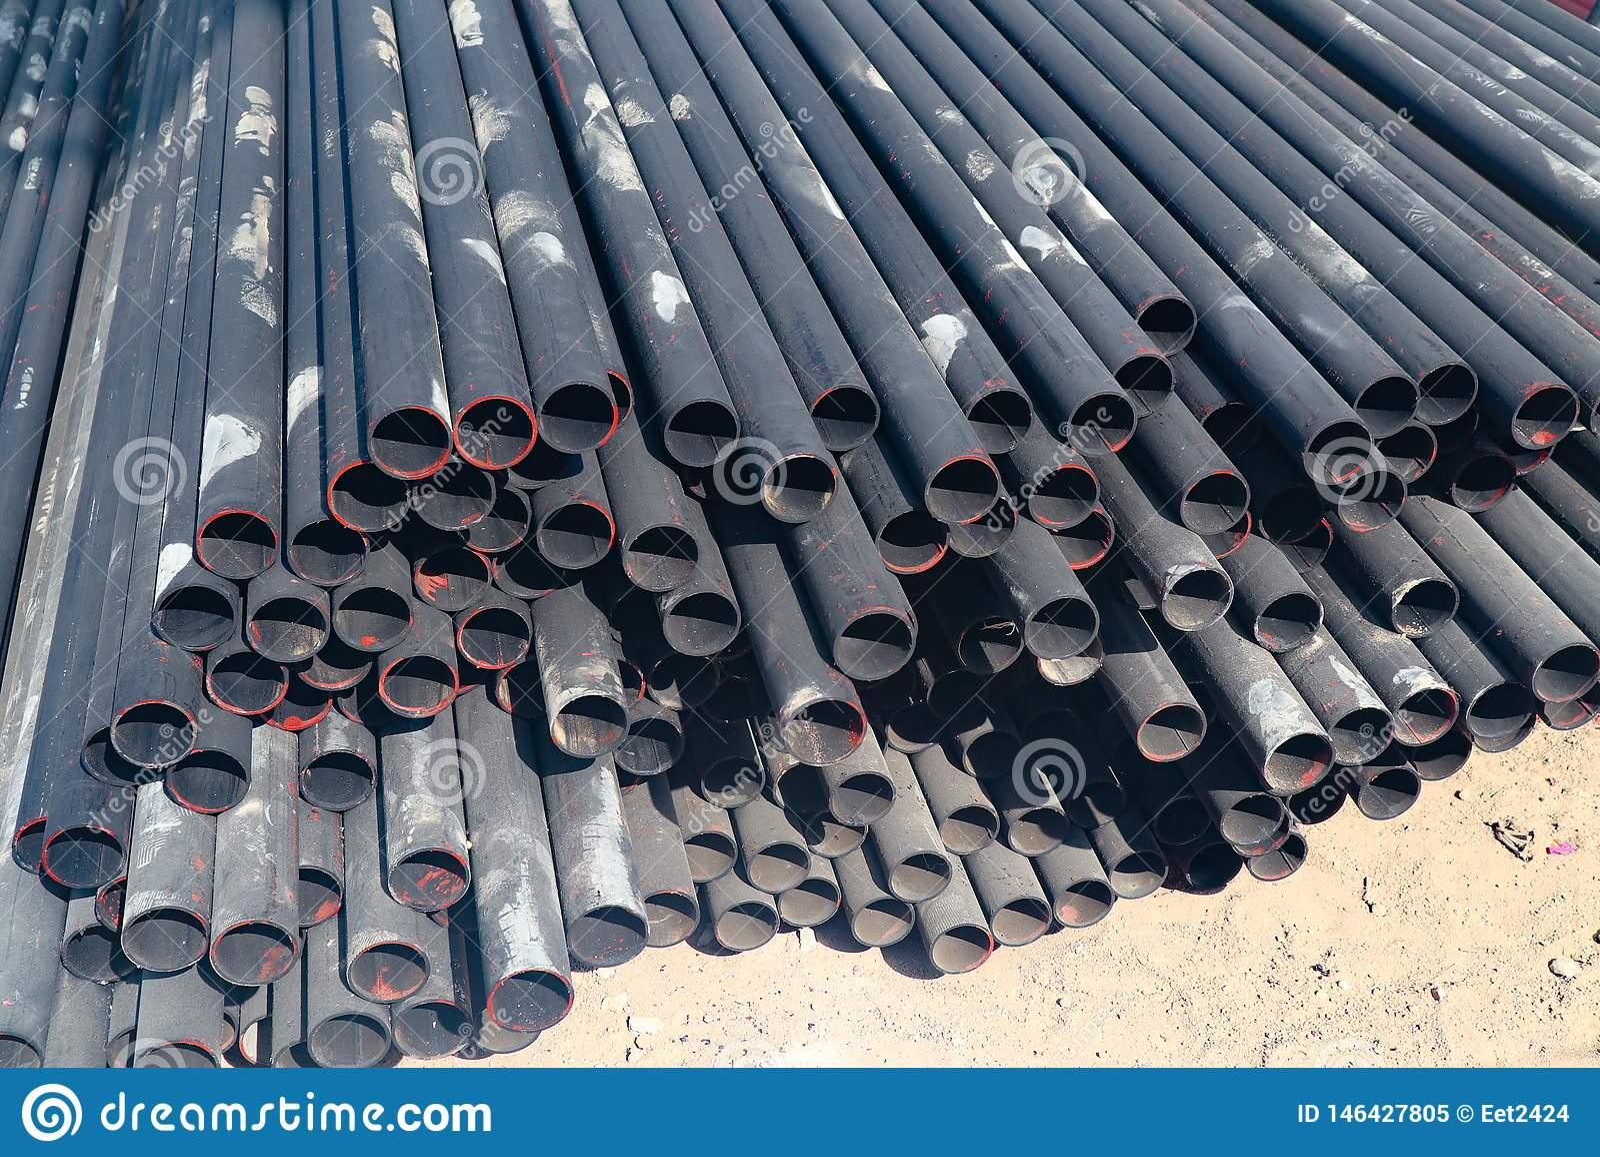 Metaal en aluminium de pijp hoopt in het ladingspakhuis op voor vervoer aan de fabriek